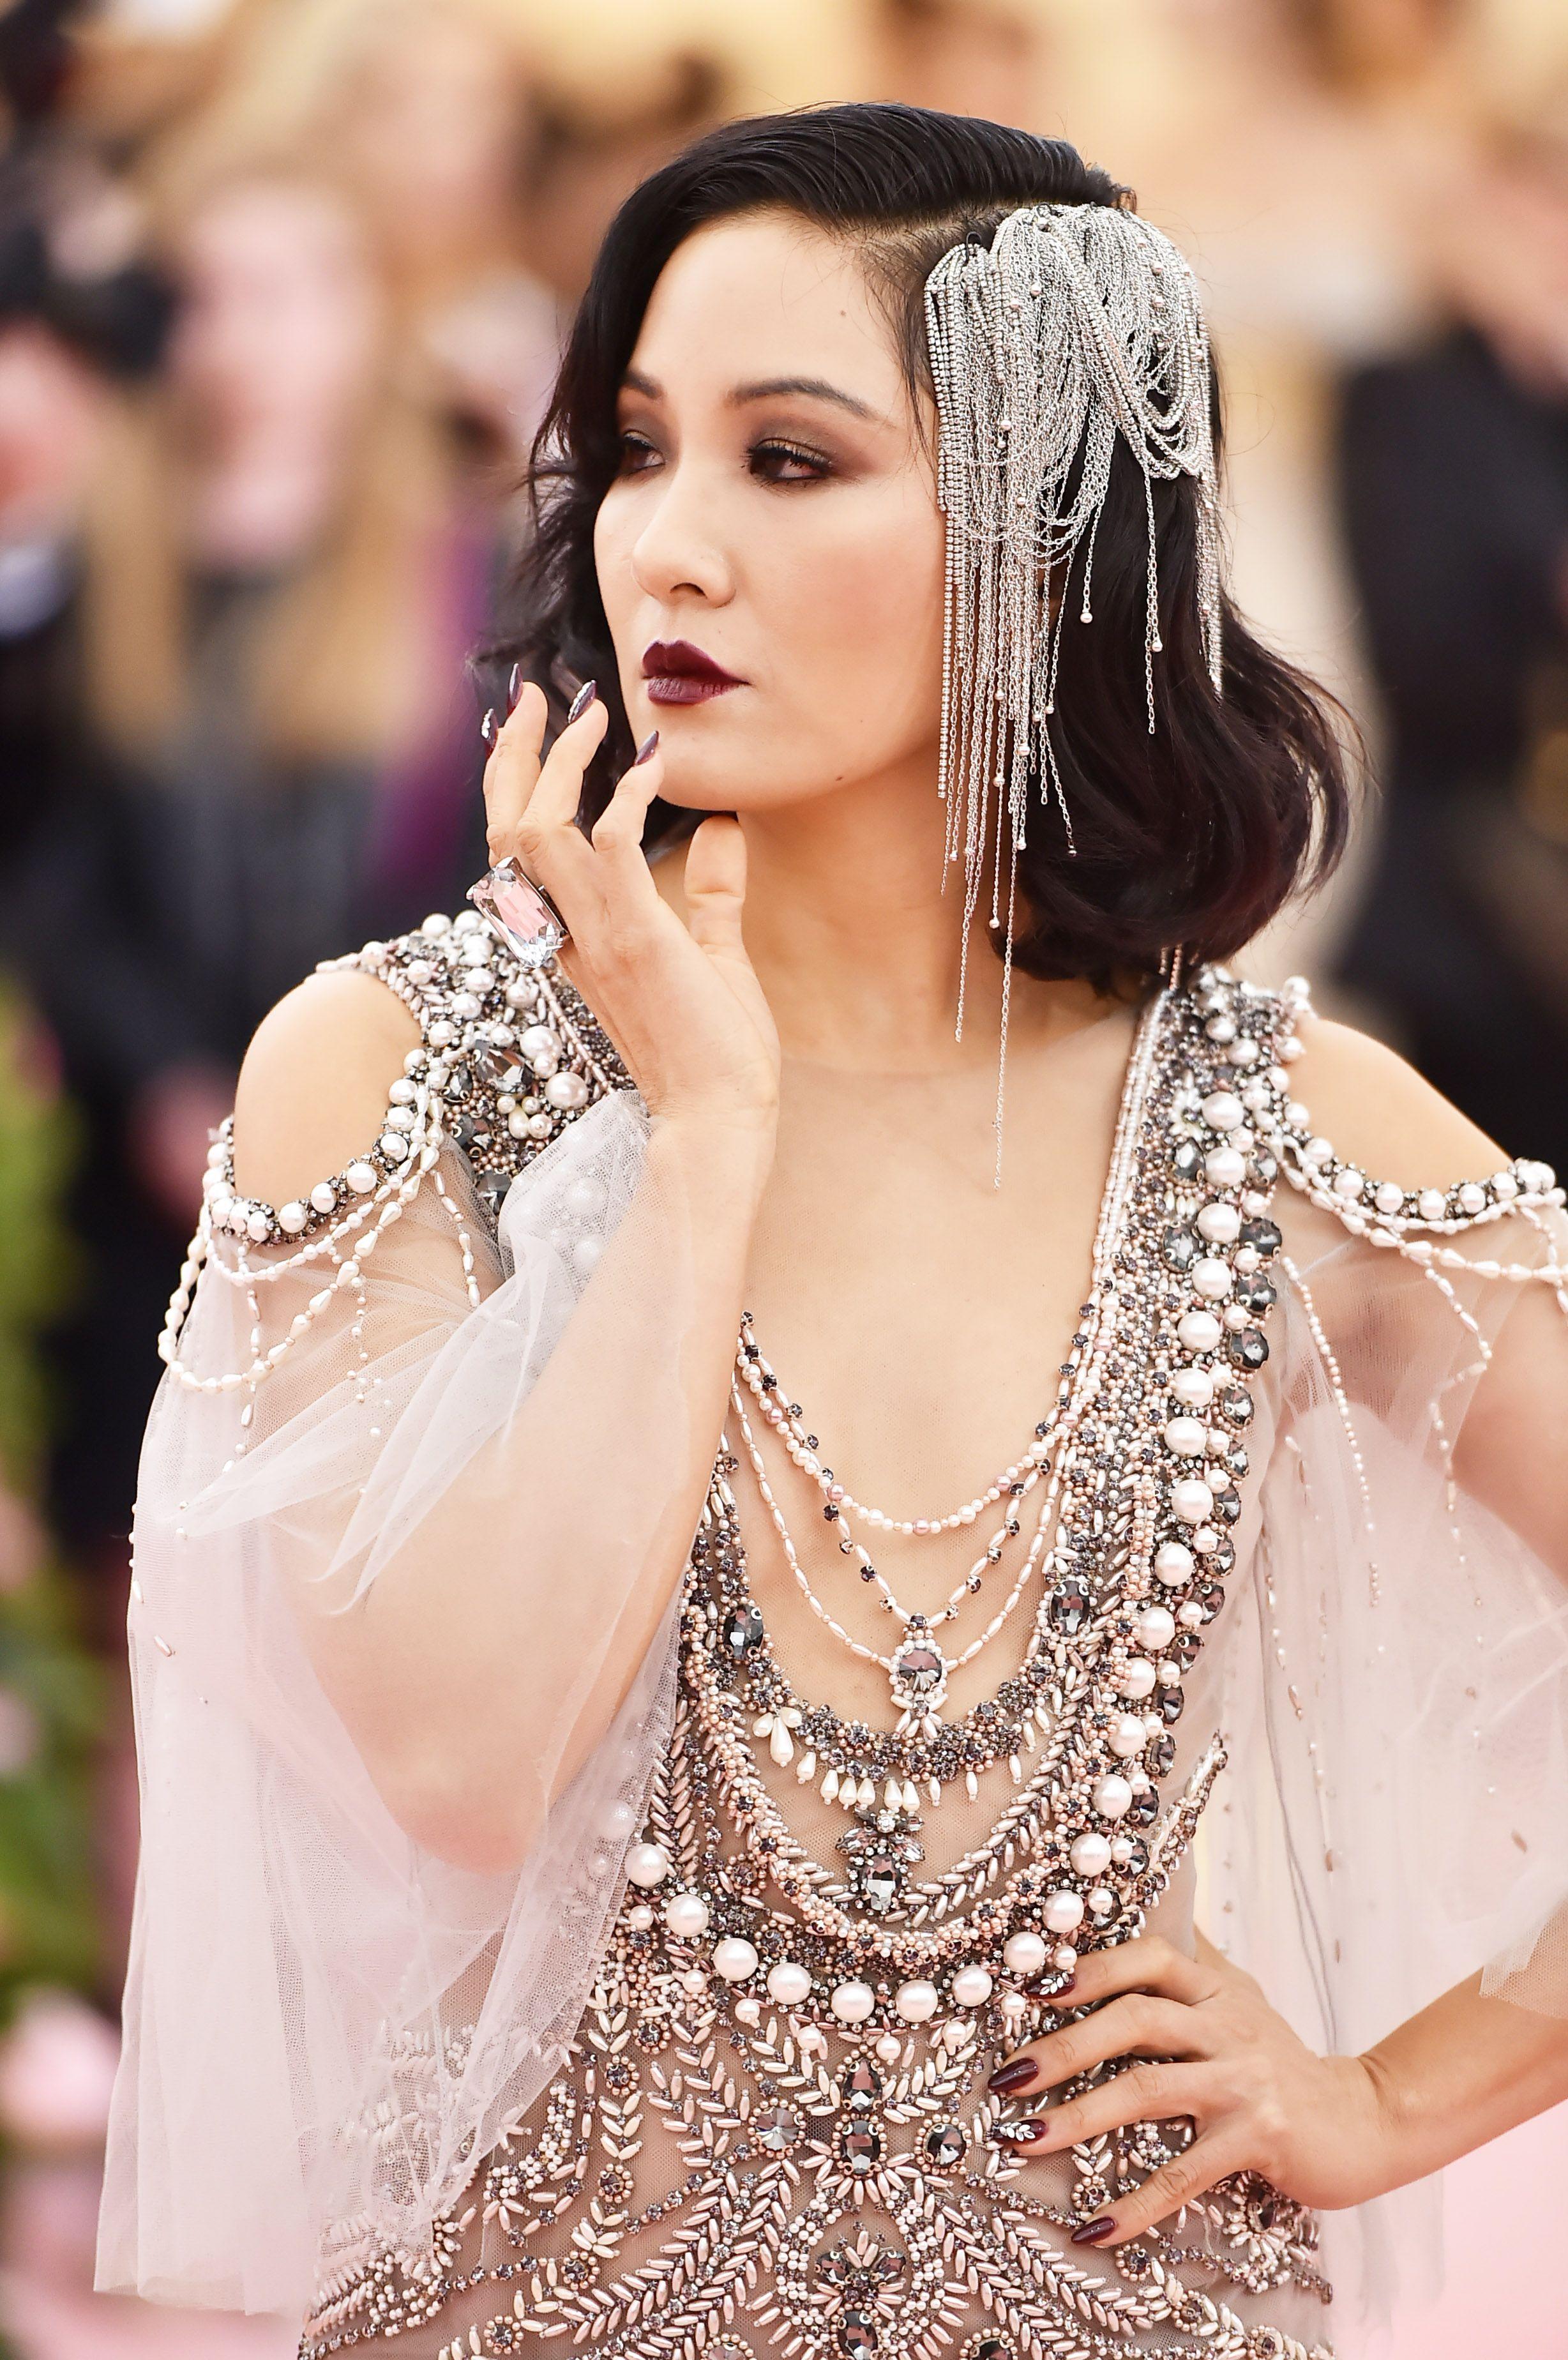 611b85c106e Met Gala 2019 Celebrity Hair and Makeup - Best Met Gala Beauty Looks